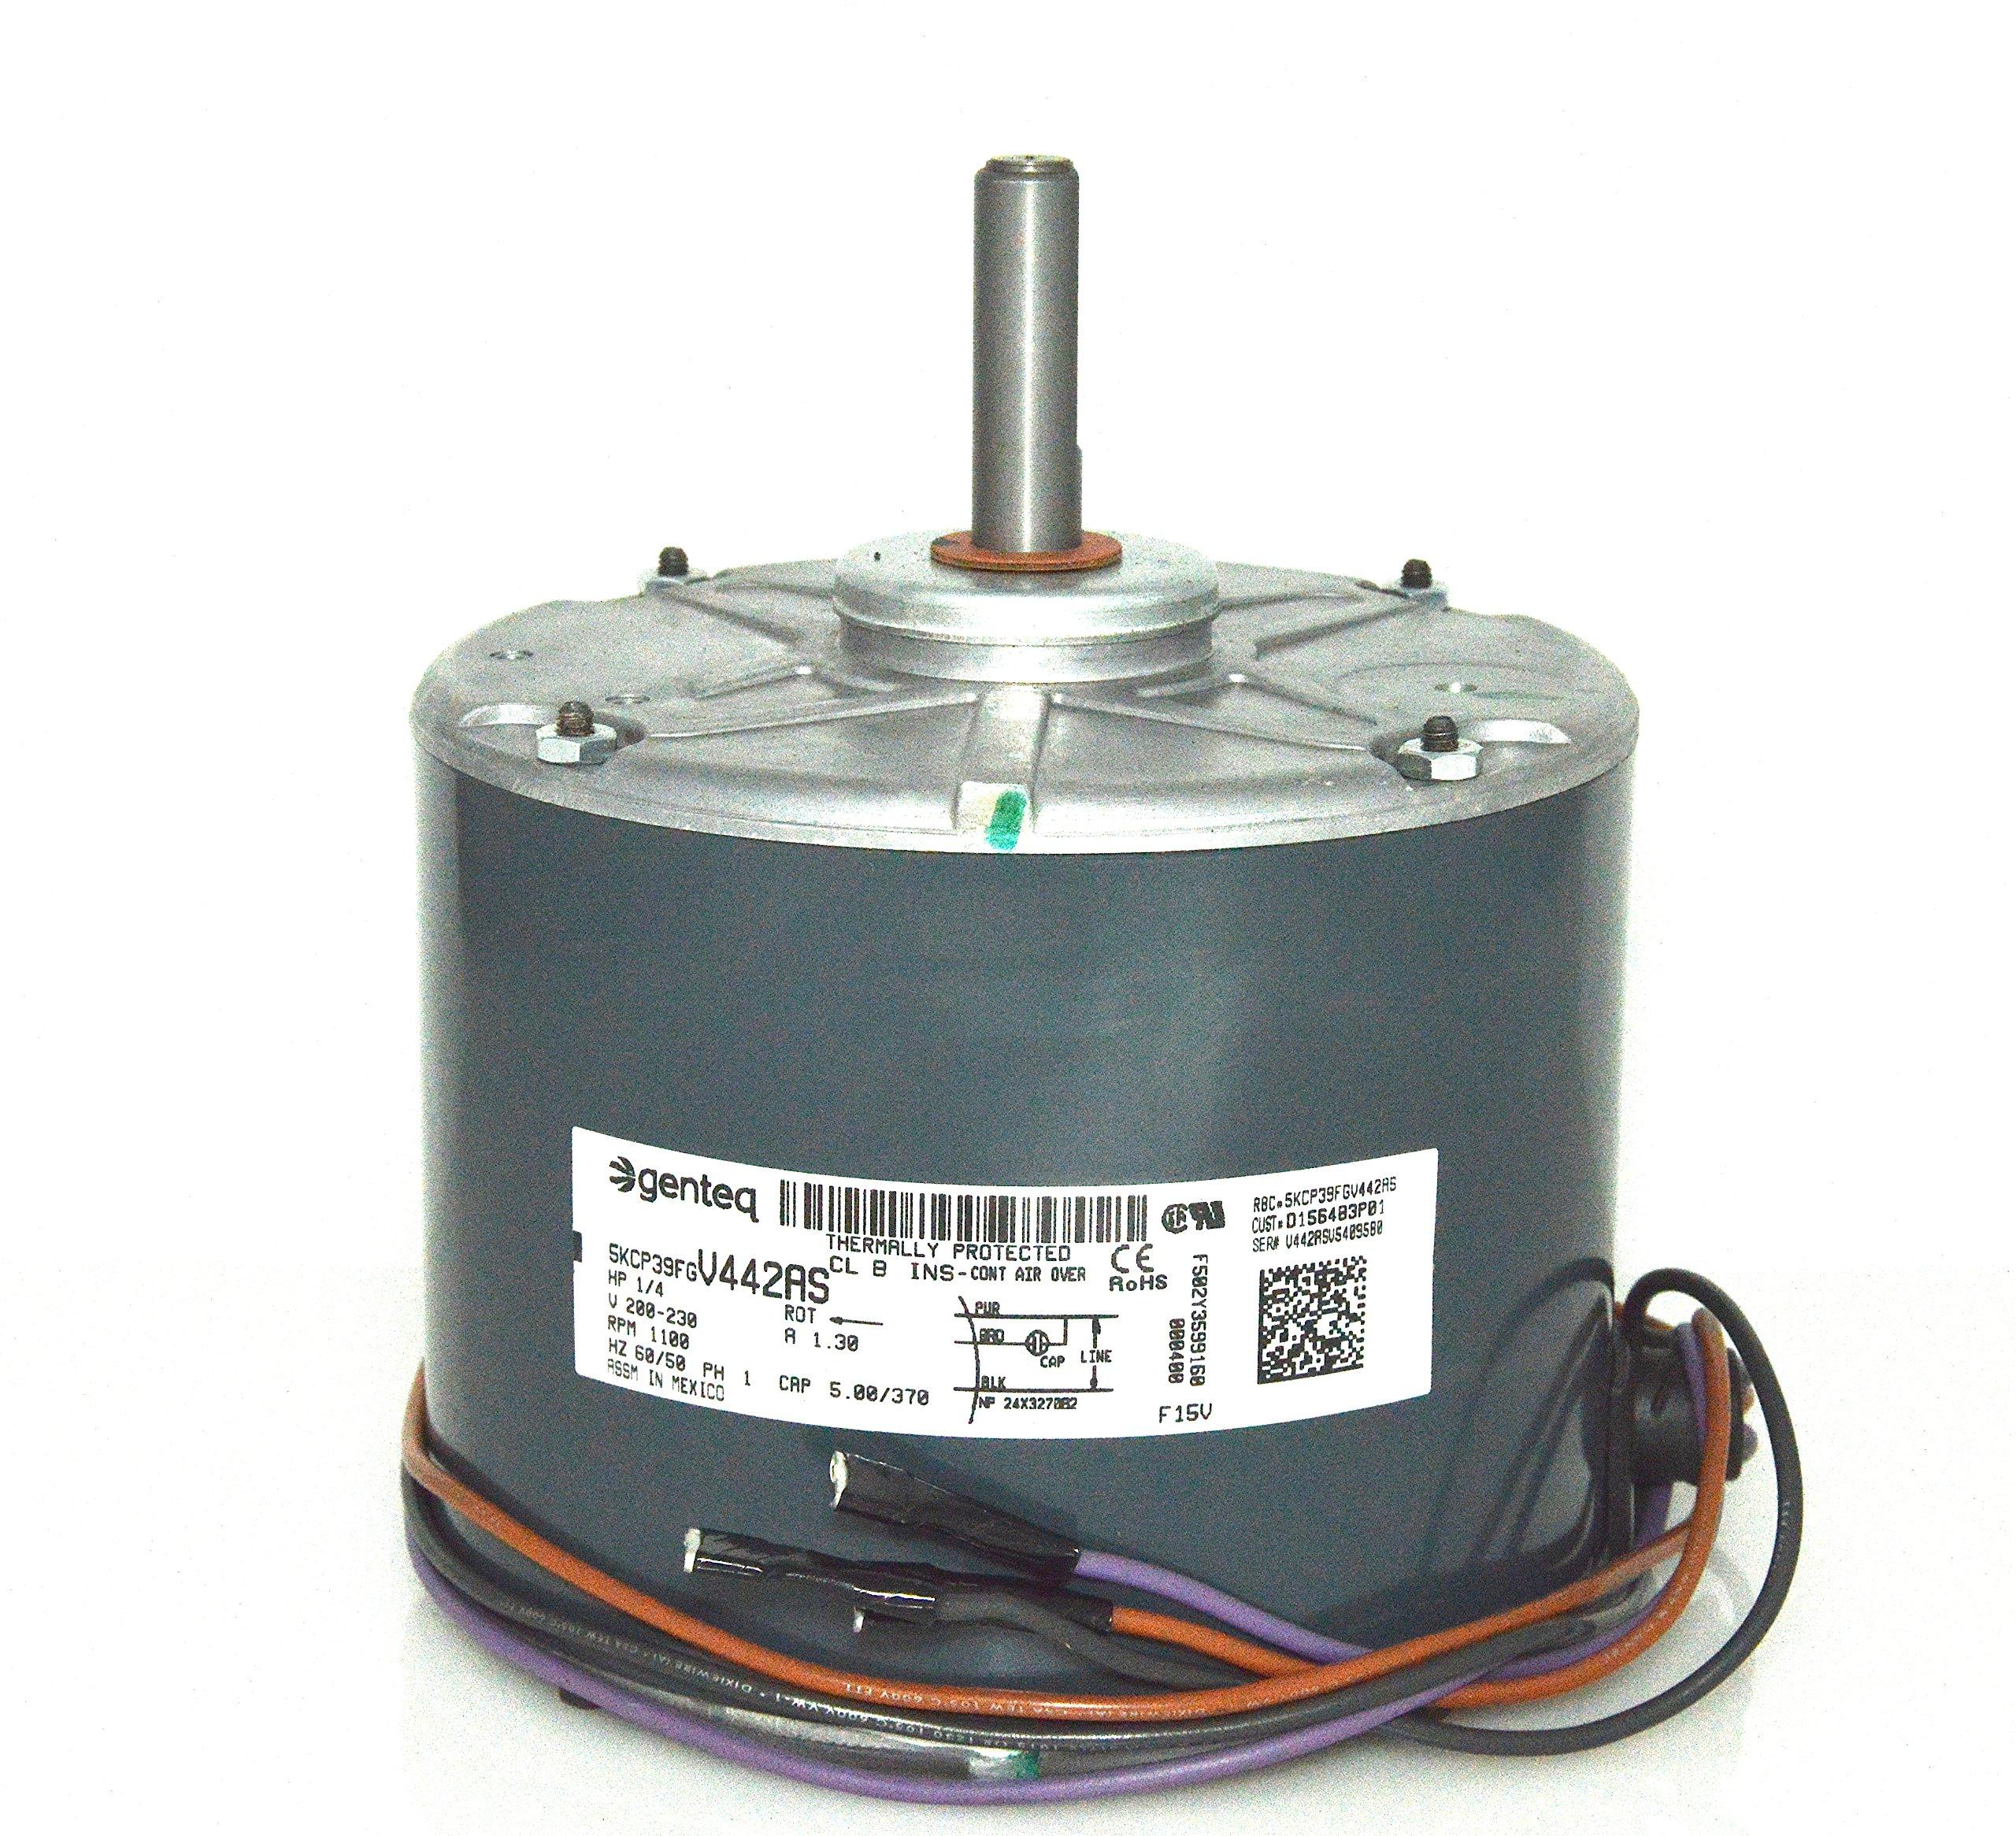 trane motors amazon com ECM Furnace Blower Motor mot11051 oem trane american standard condenser fan motor 1 4 hp 200 230v